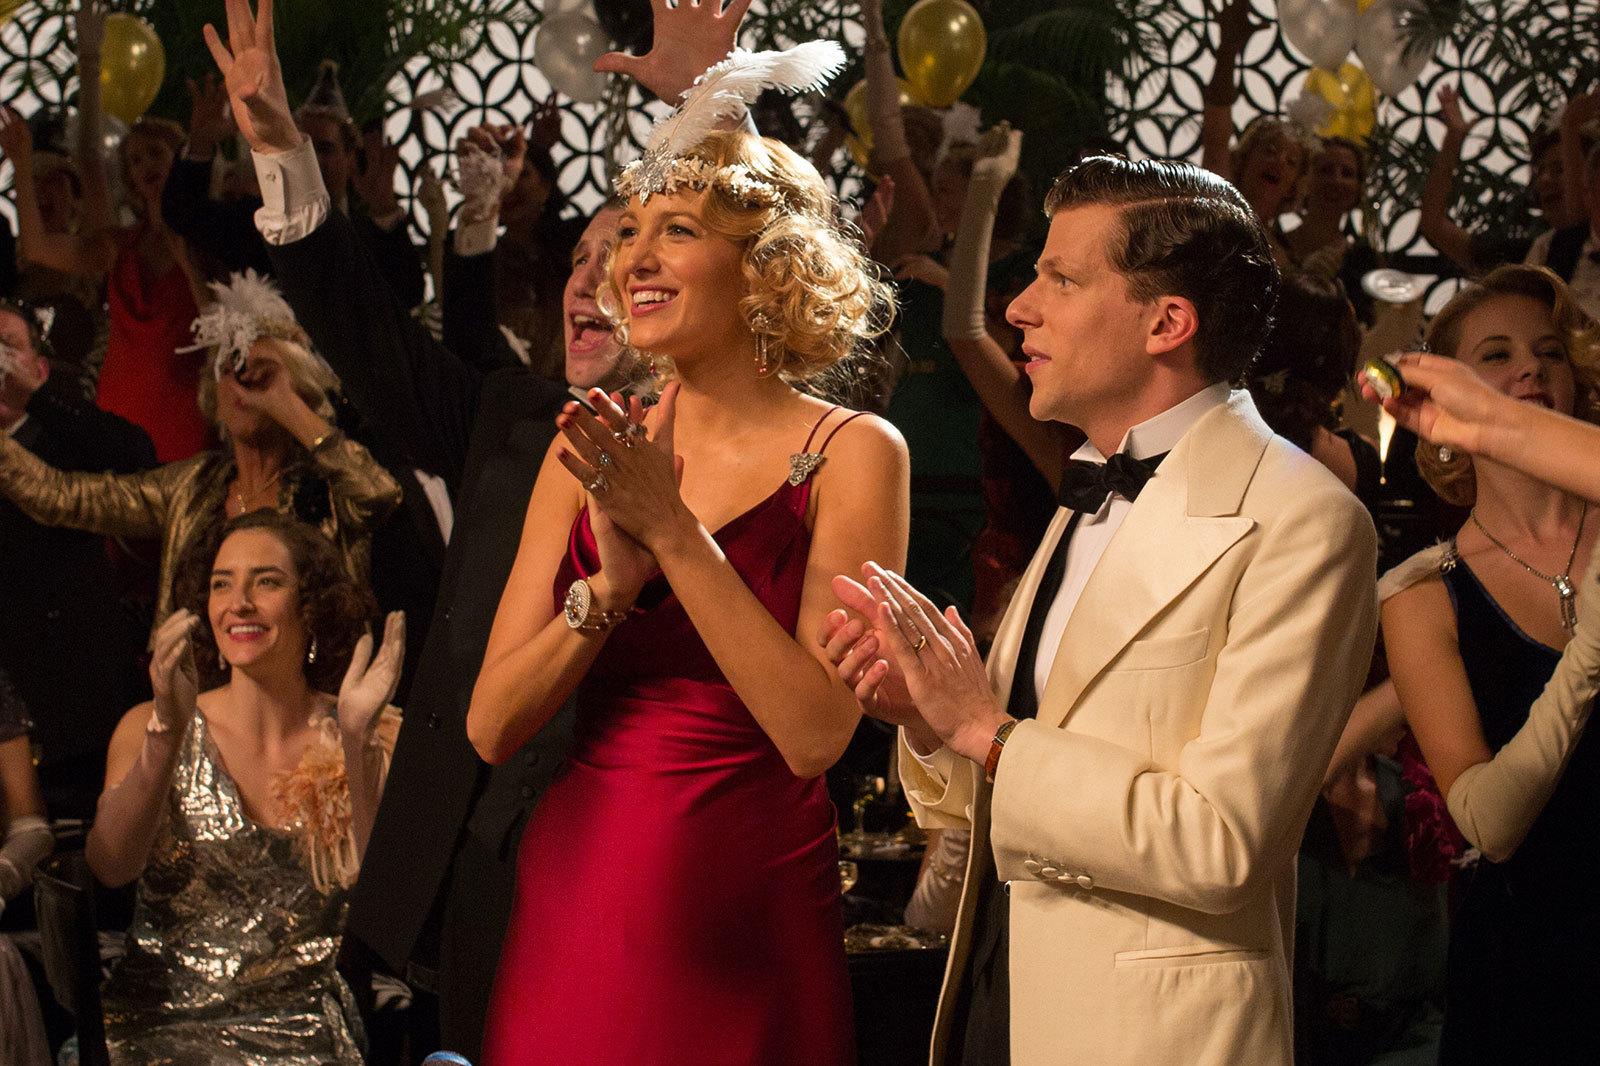 Blake Lively y Kristen Stewart protagonistas del vestuario de Café Society. Enamórate con sus maravillosos looks